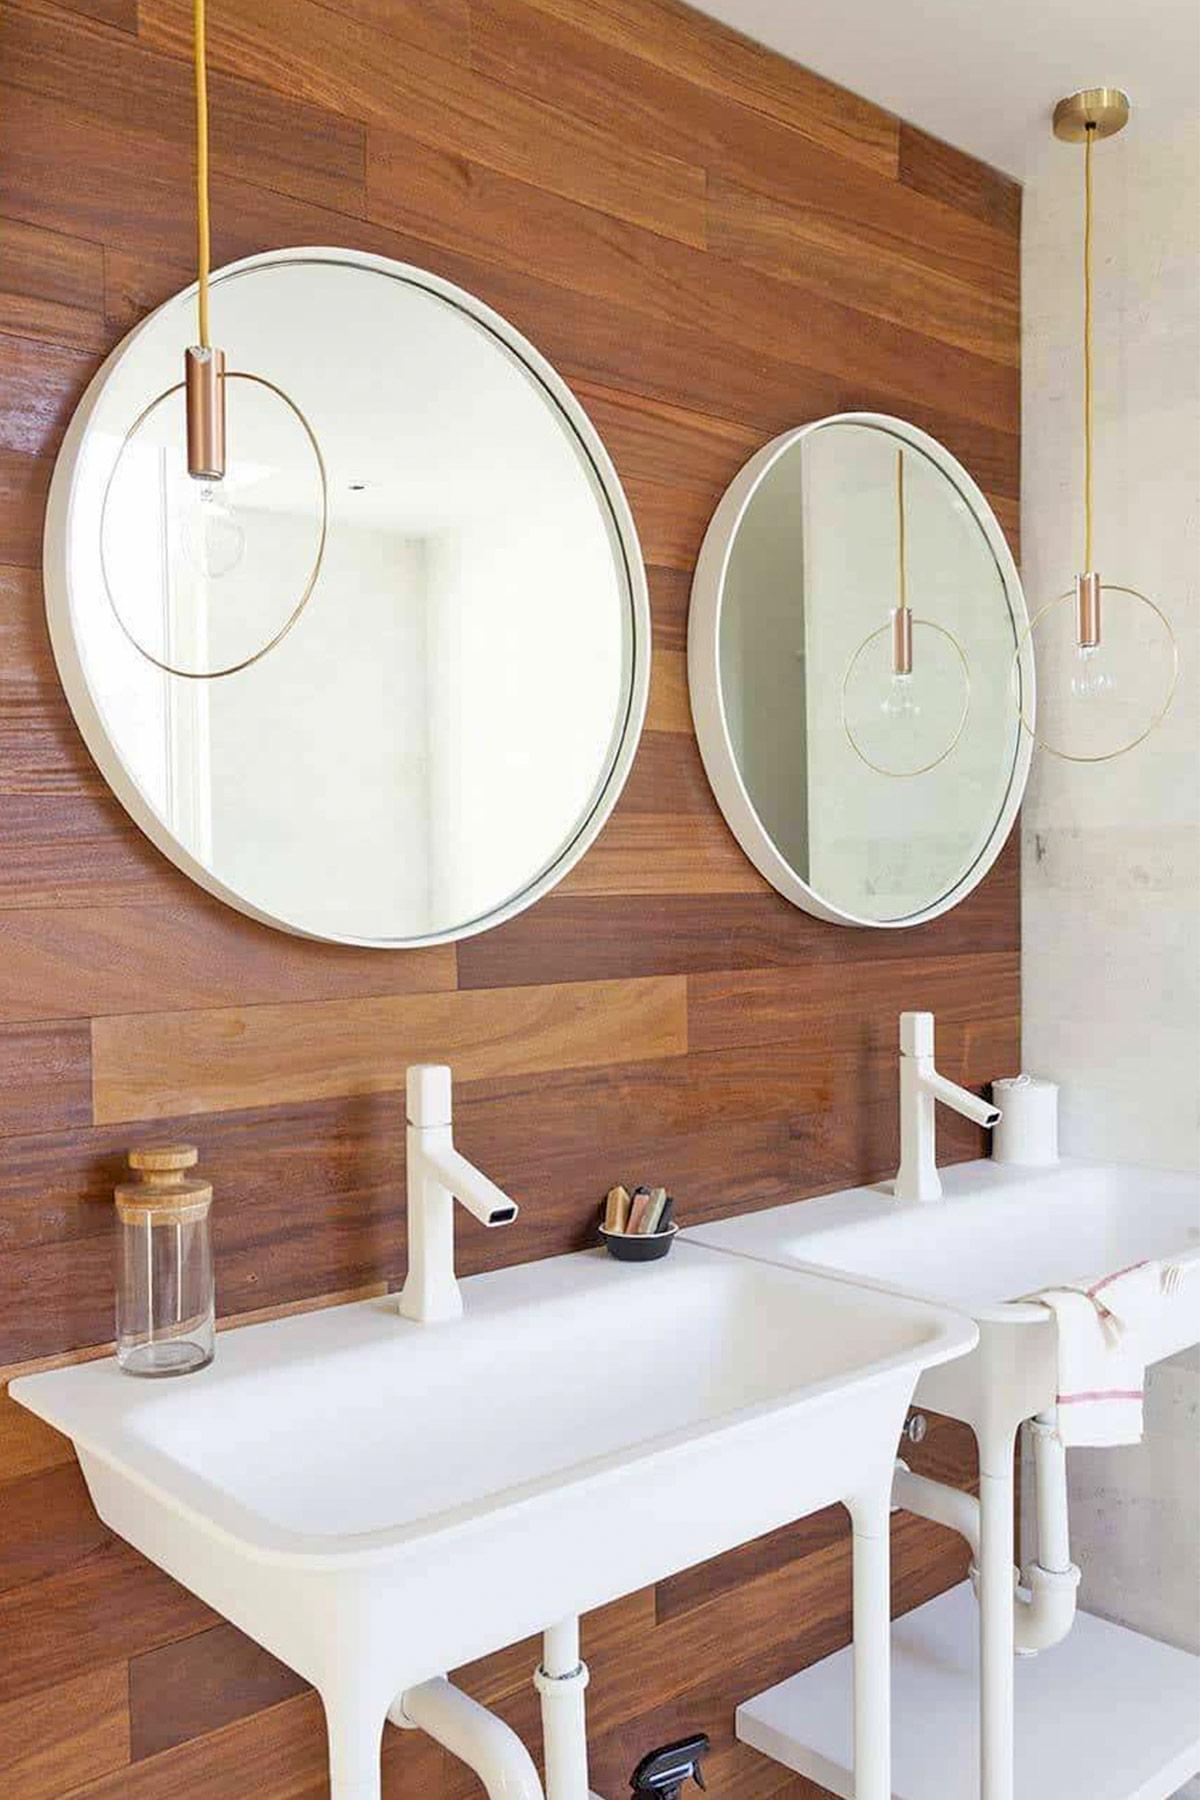 Thiết kế phòng tắm theo phong cách Midcentury